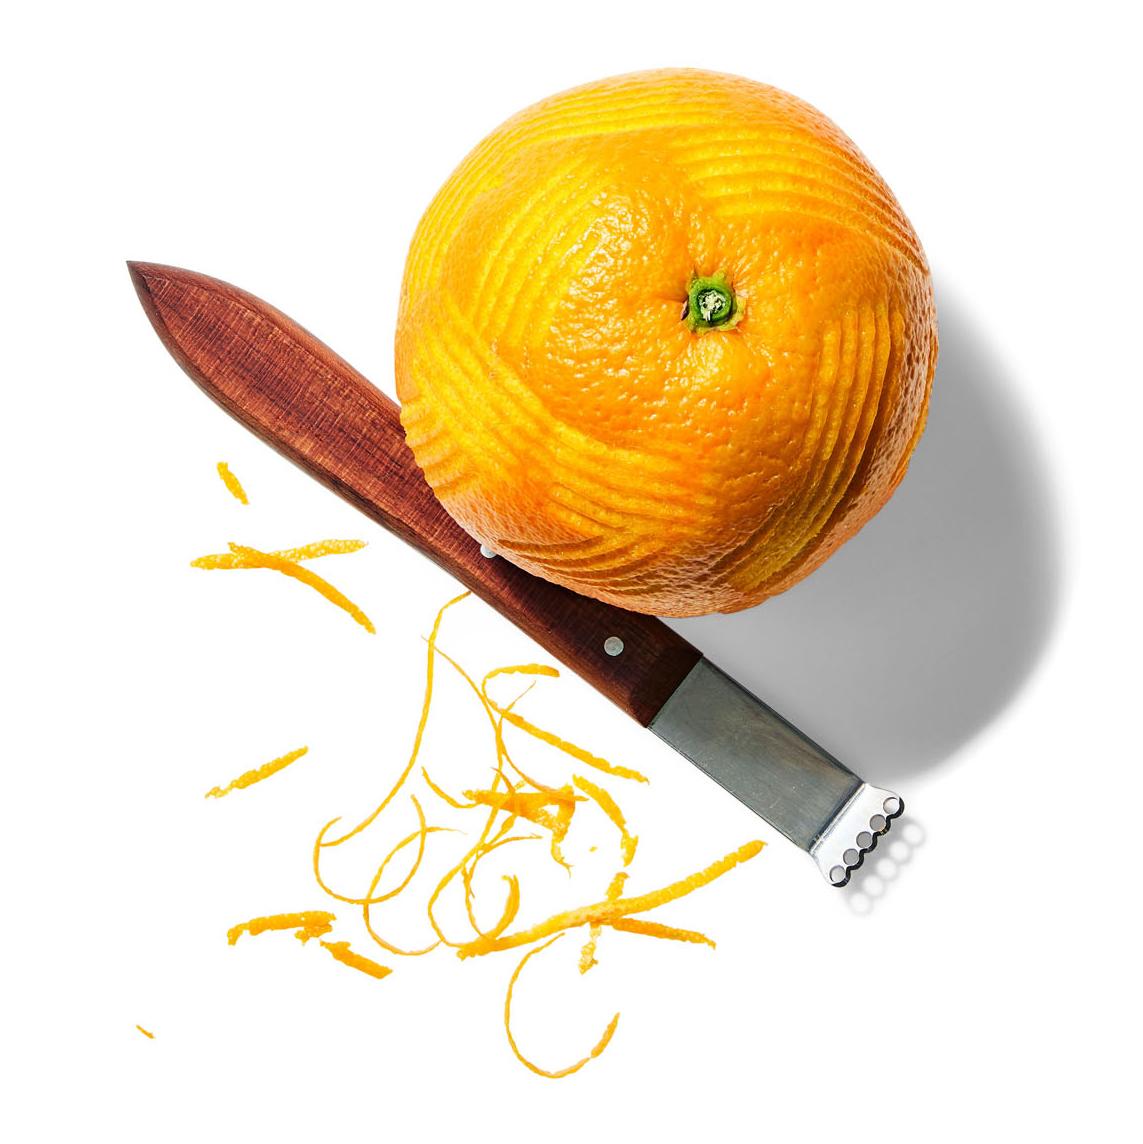 orange zest and knife